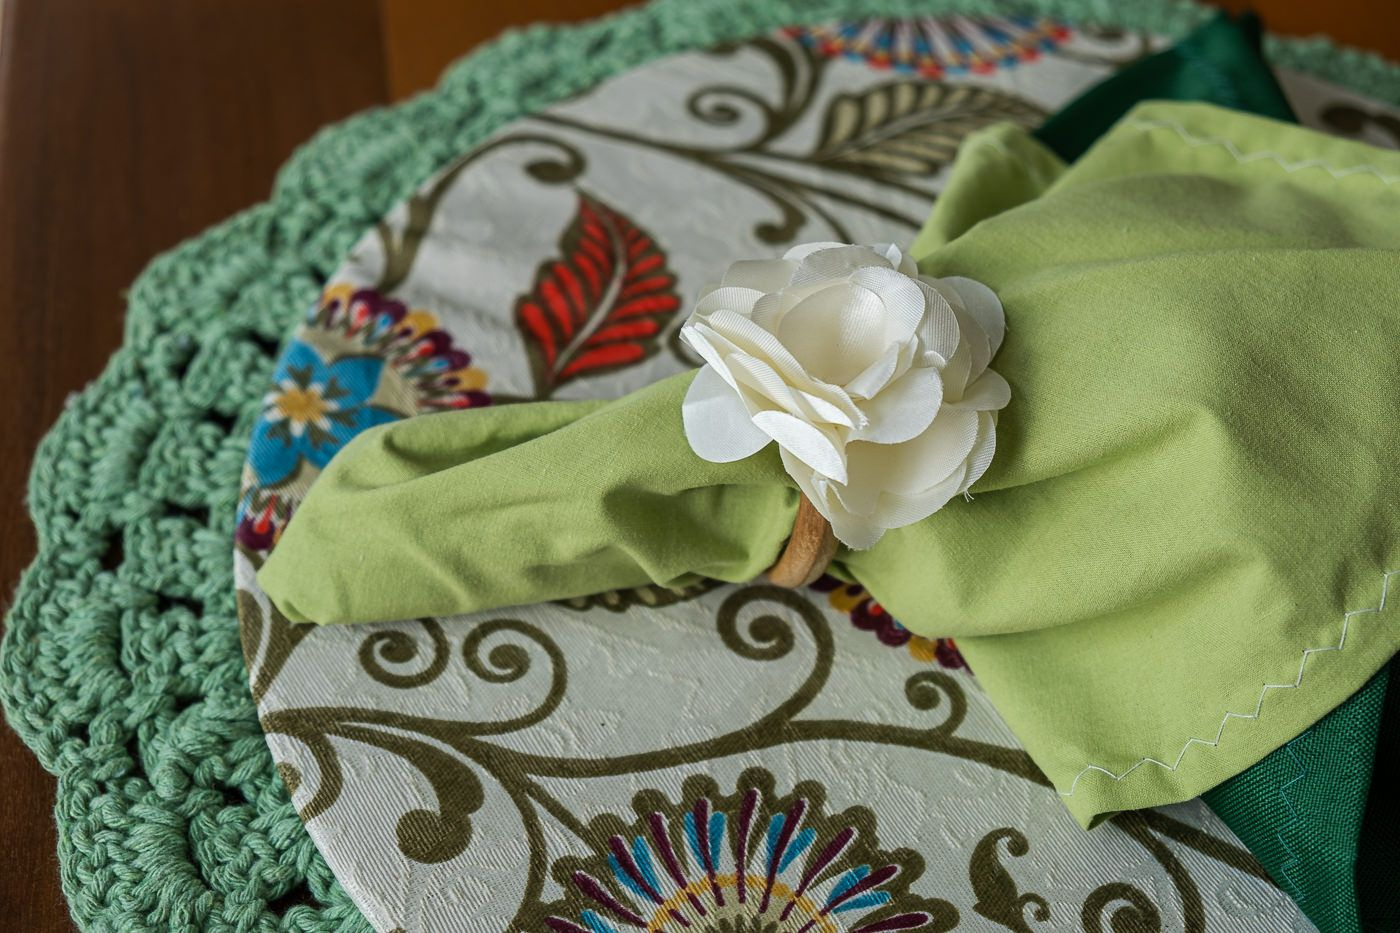 Conjunto sousplat em crochê e capa com mdf verde claro